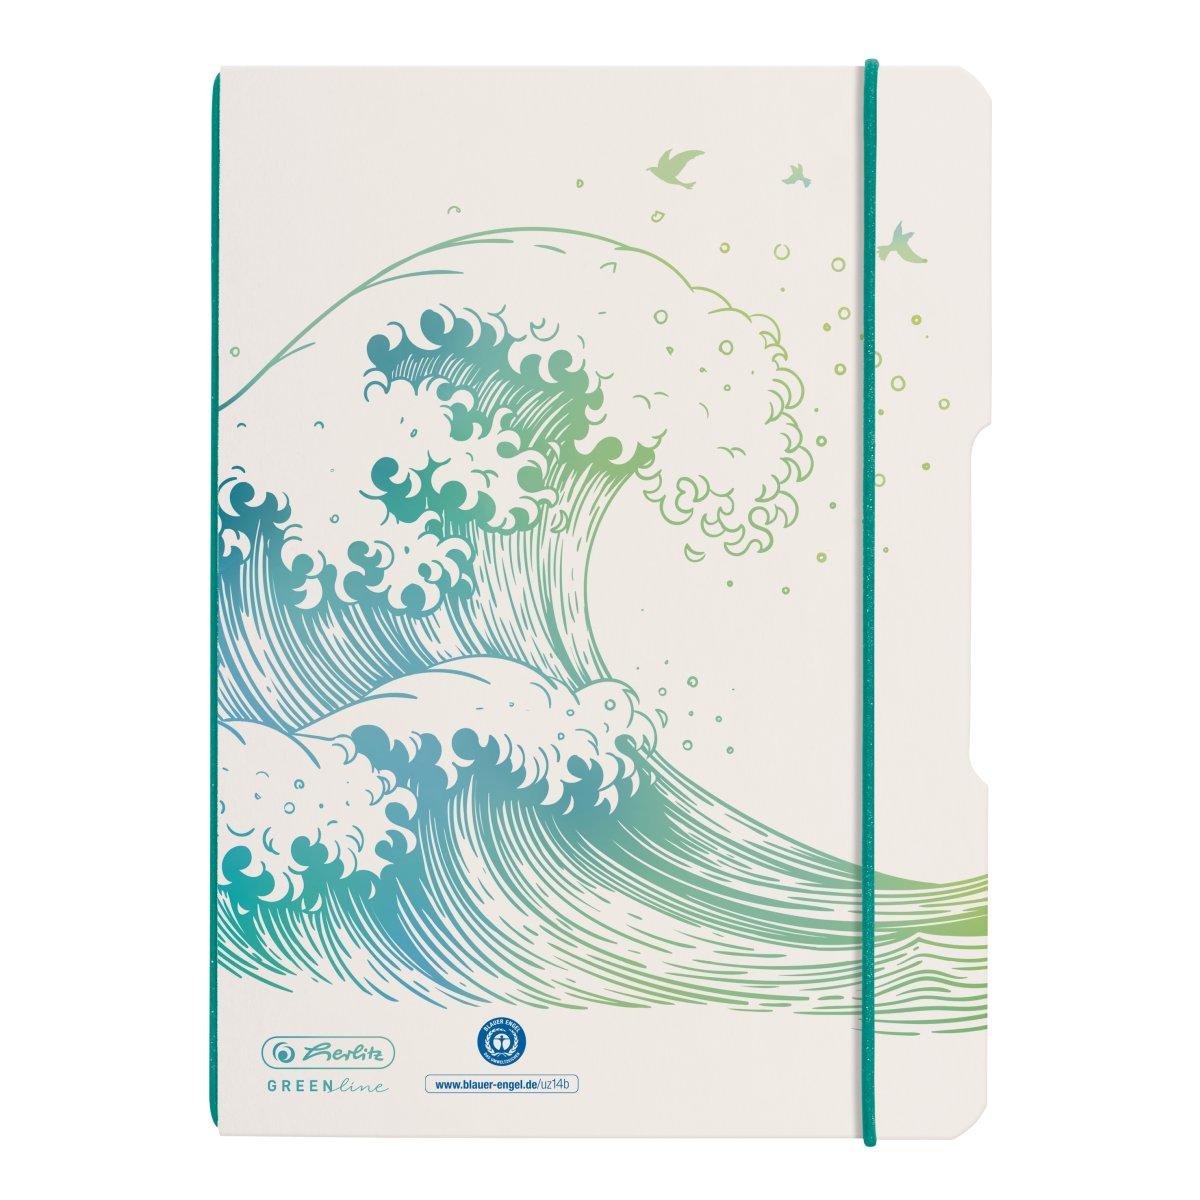 Vorschau: Herlitz my.book flex - Muster - Weiß - A5 - 40 Blätter - Punktgitter-Papier - Erwachsener